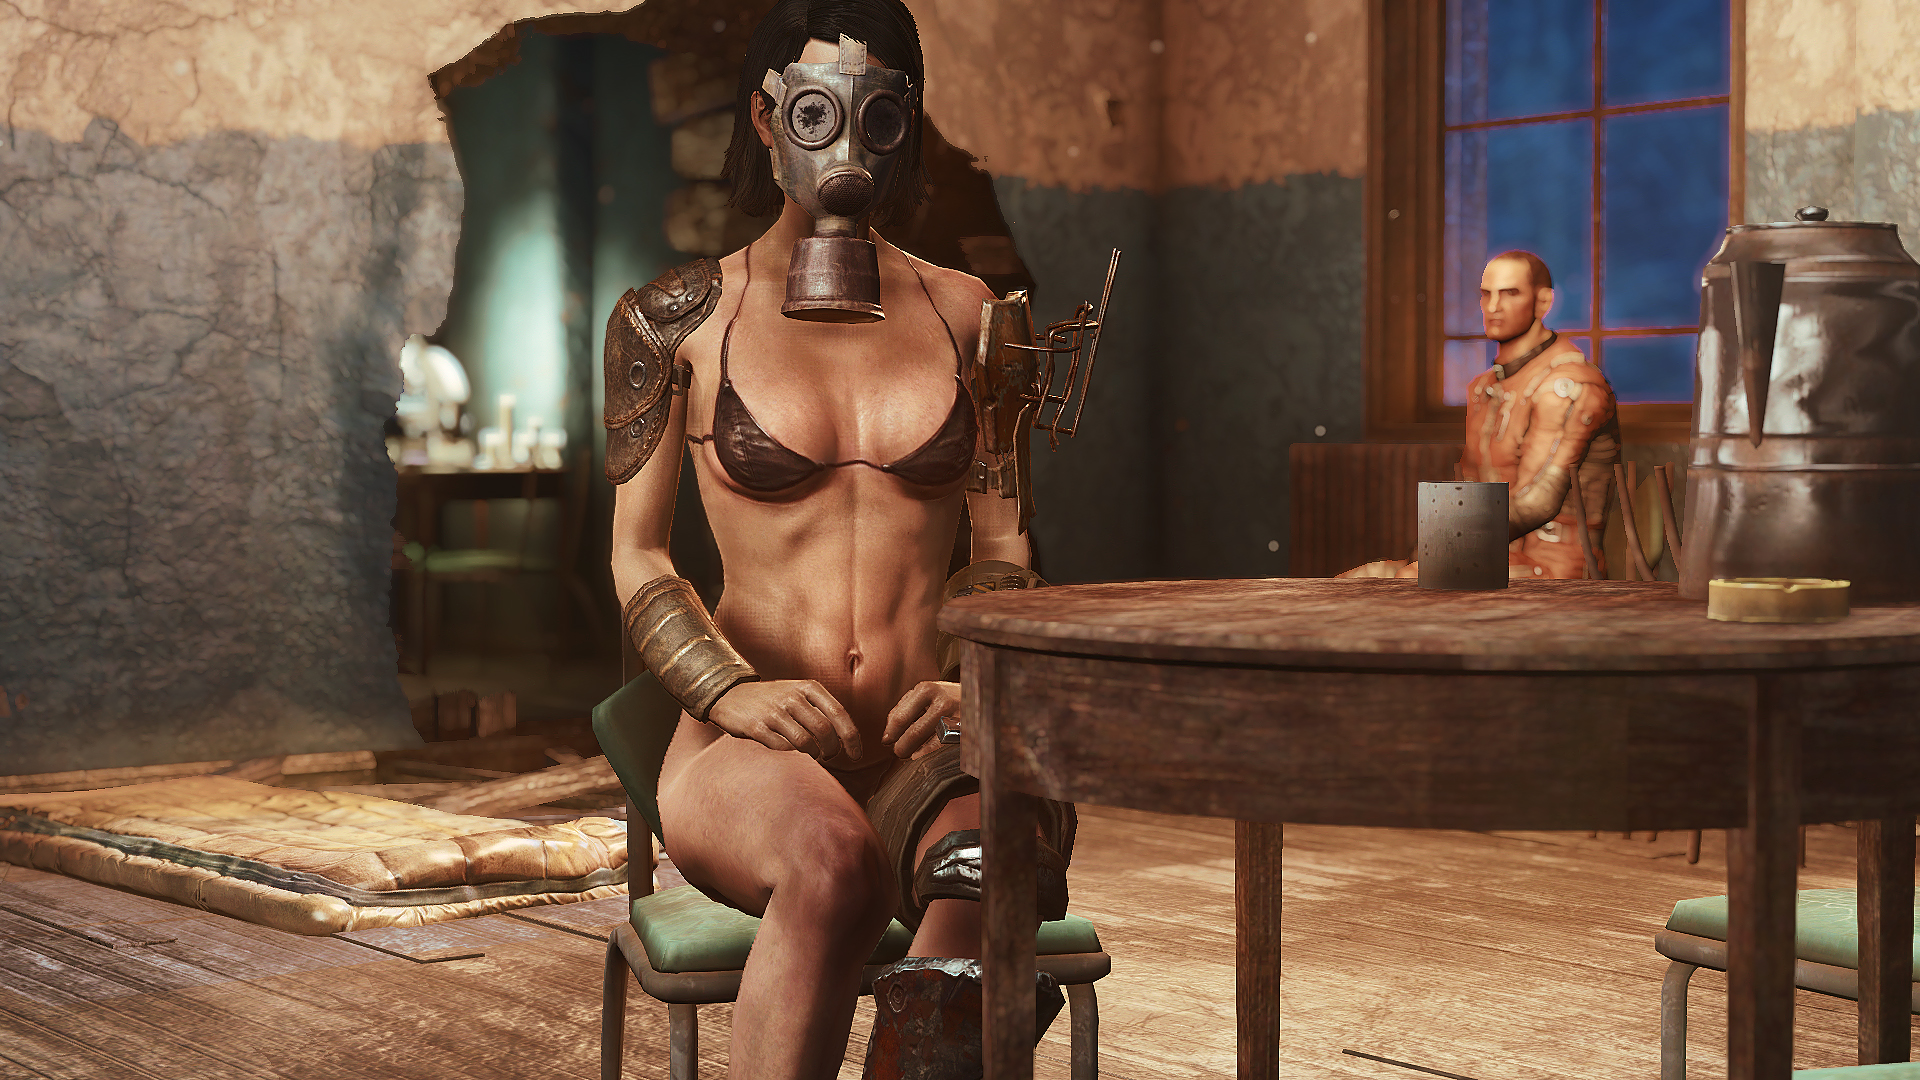 Fallout nude female cartoon videos